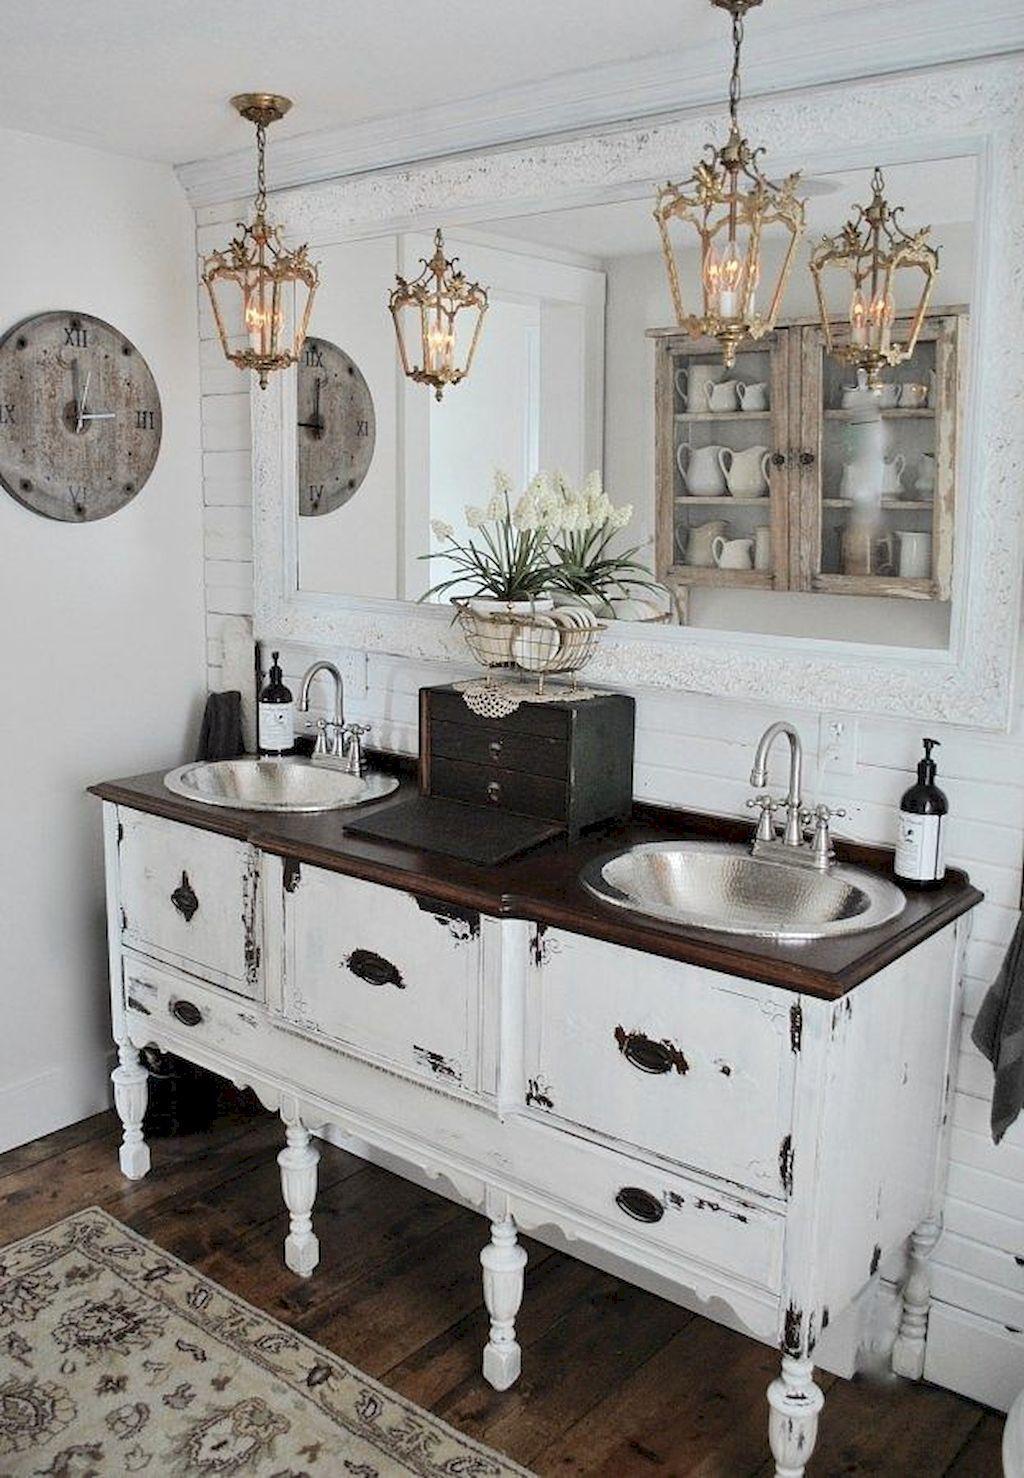 50-Farmhouse-Rustic-Master-Bathroom-Remodel-Ideas.jpg